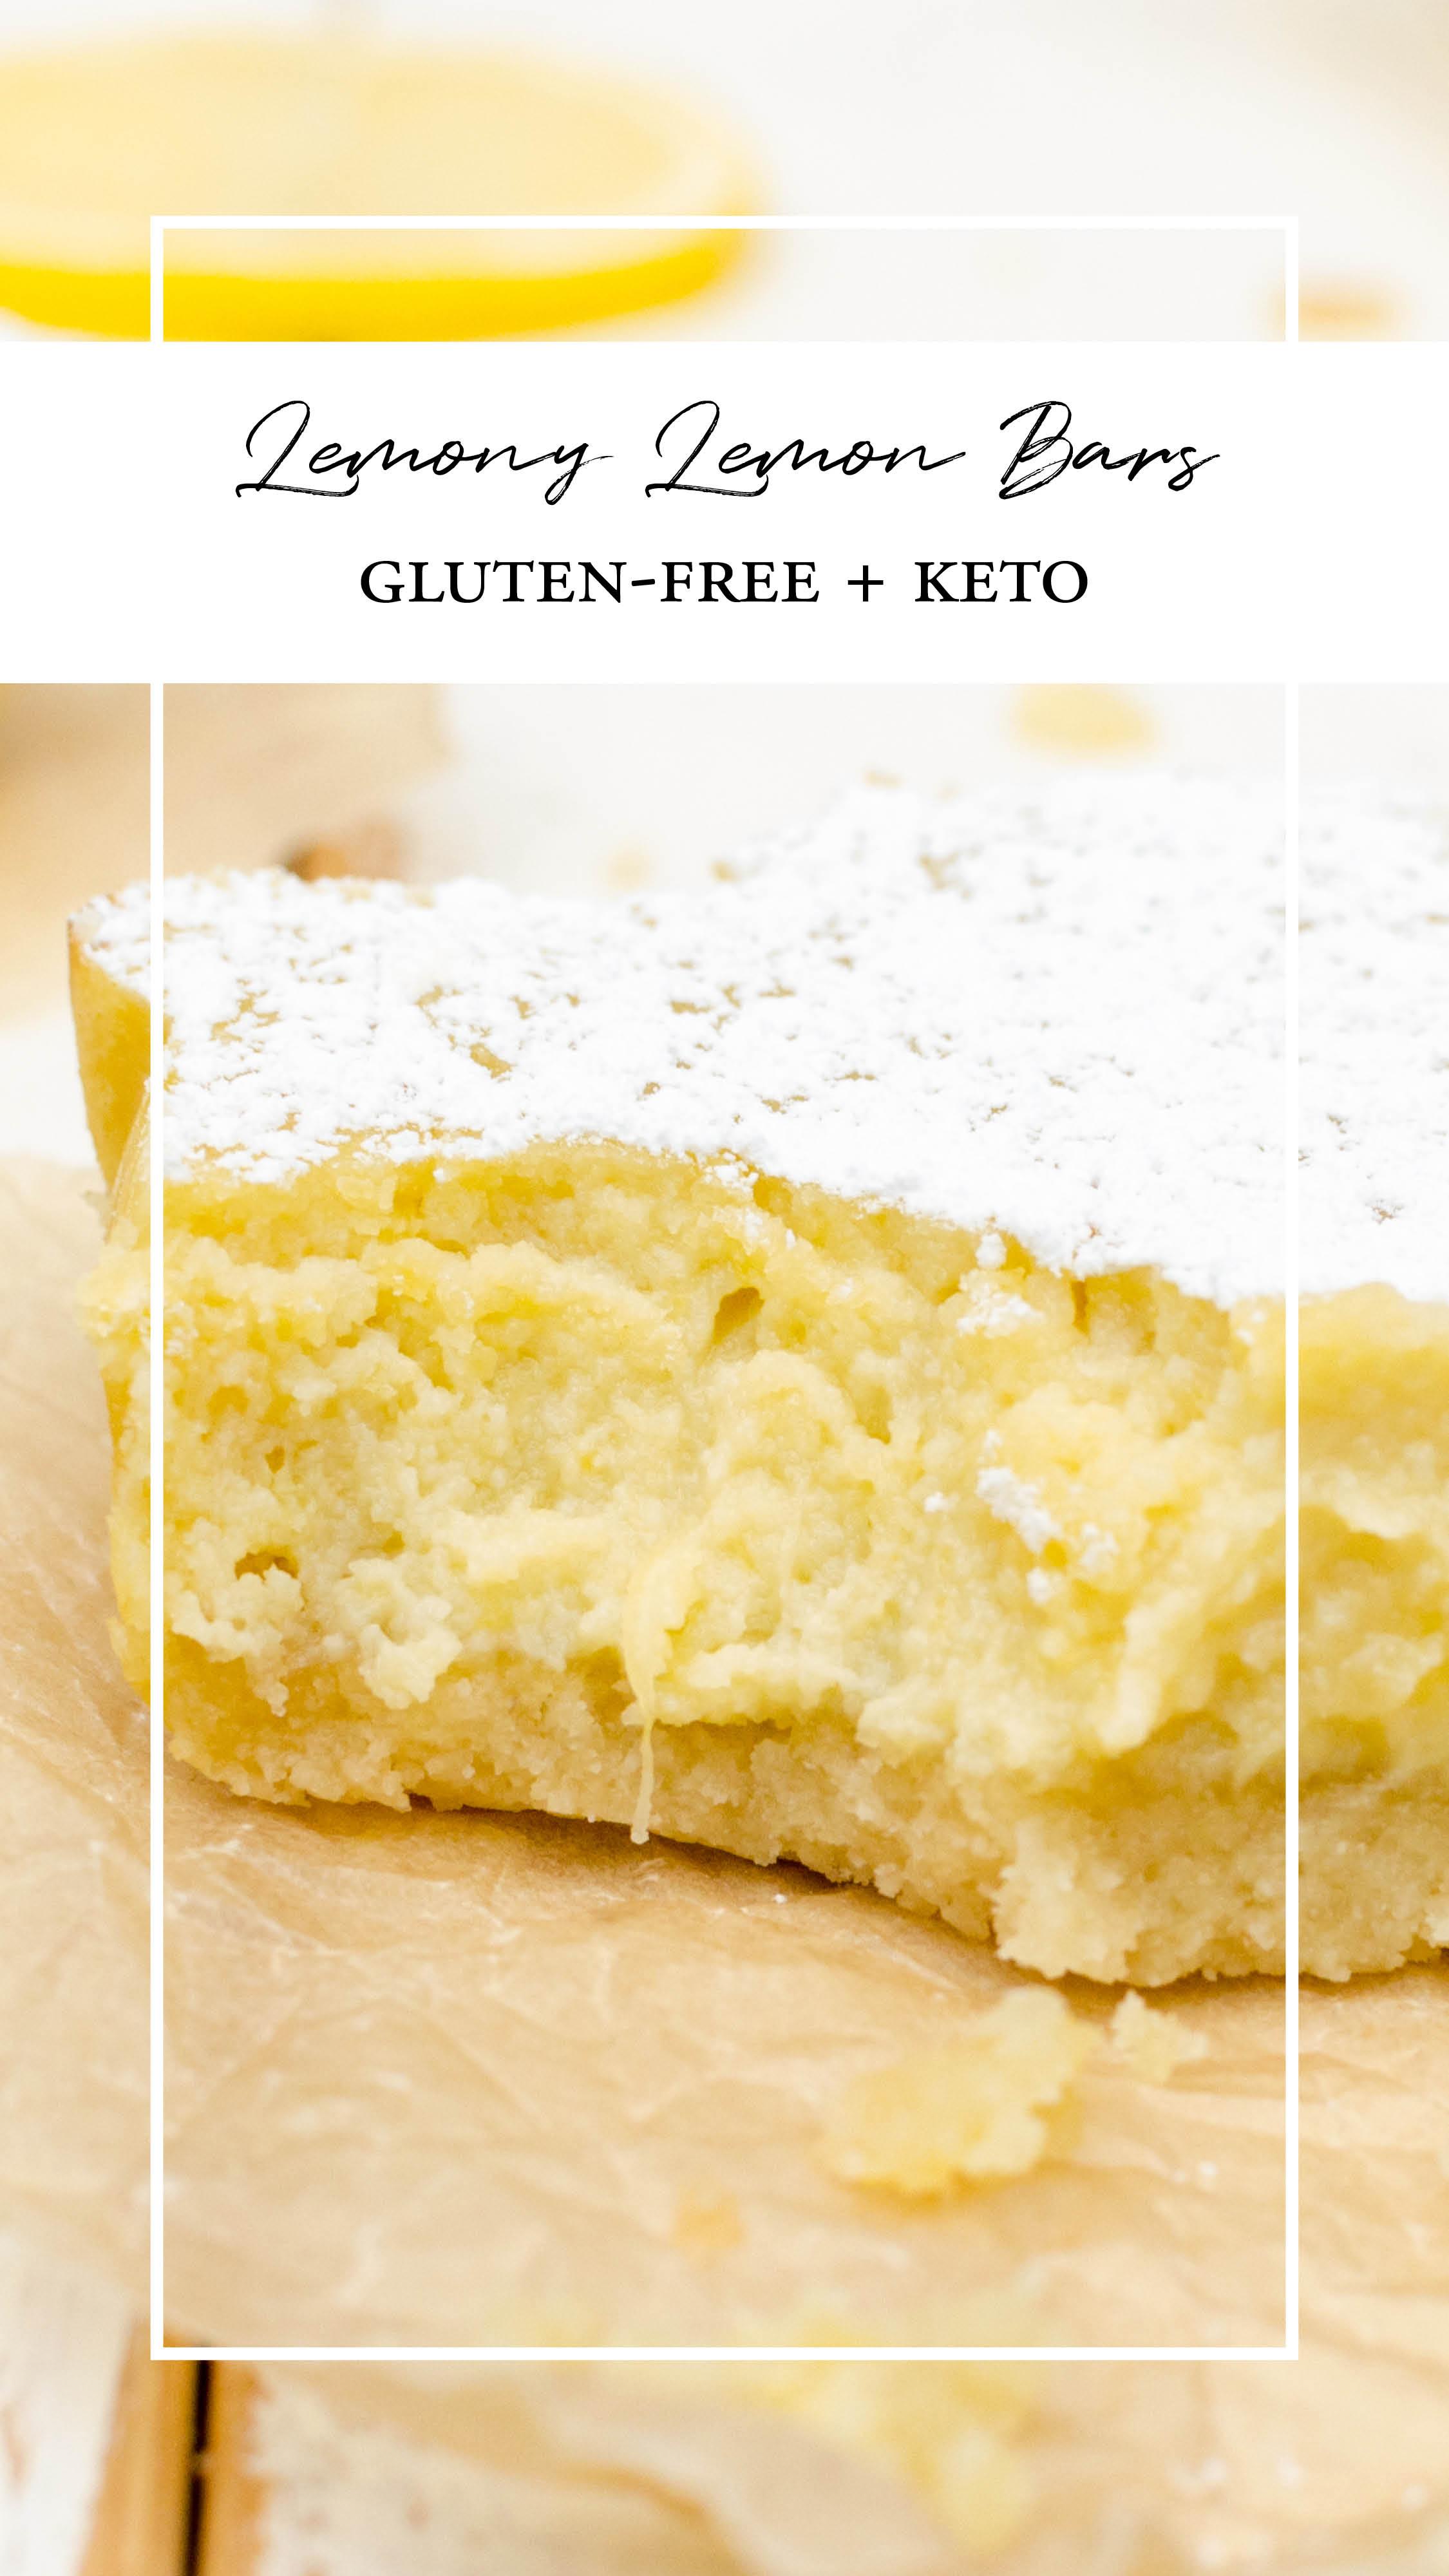 Gluten-Free Keto Lemony Lemon Bars_Studioist4.jpg